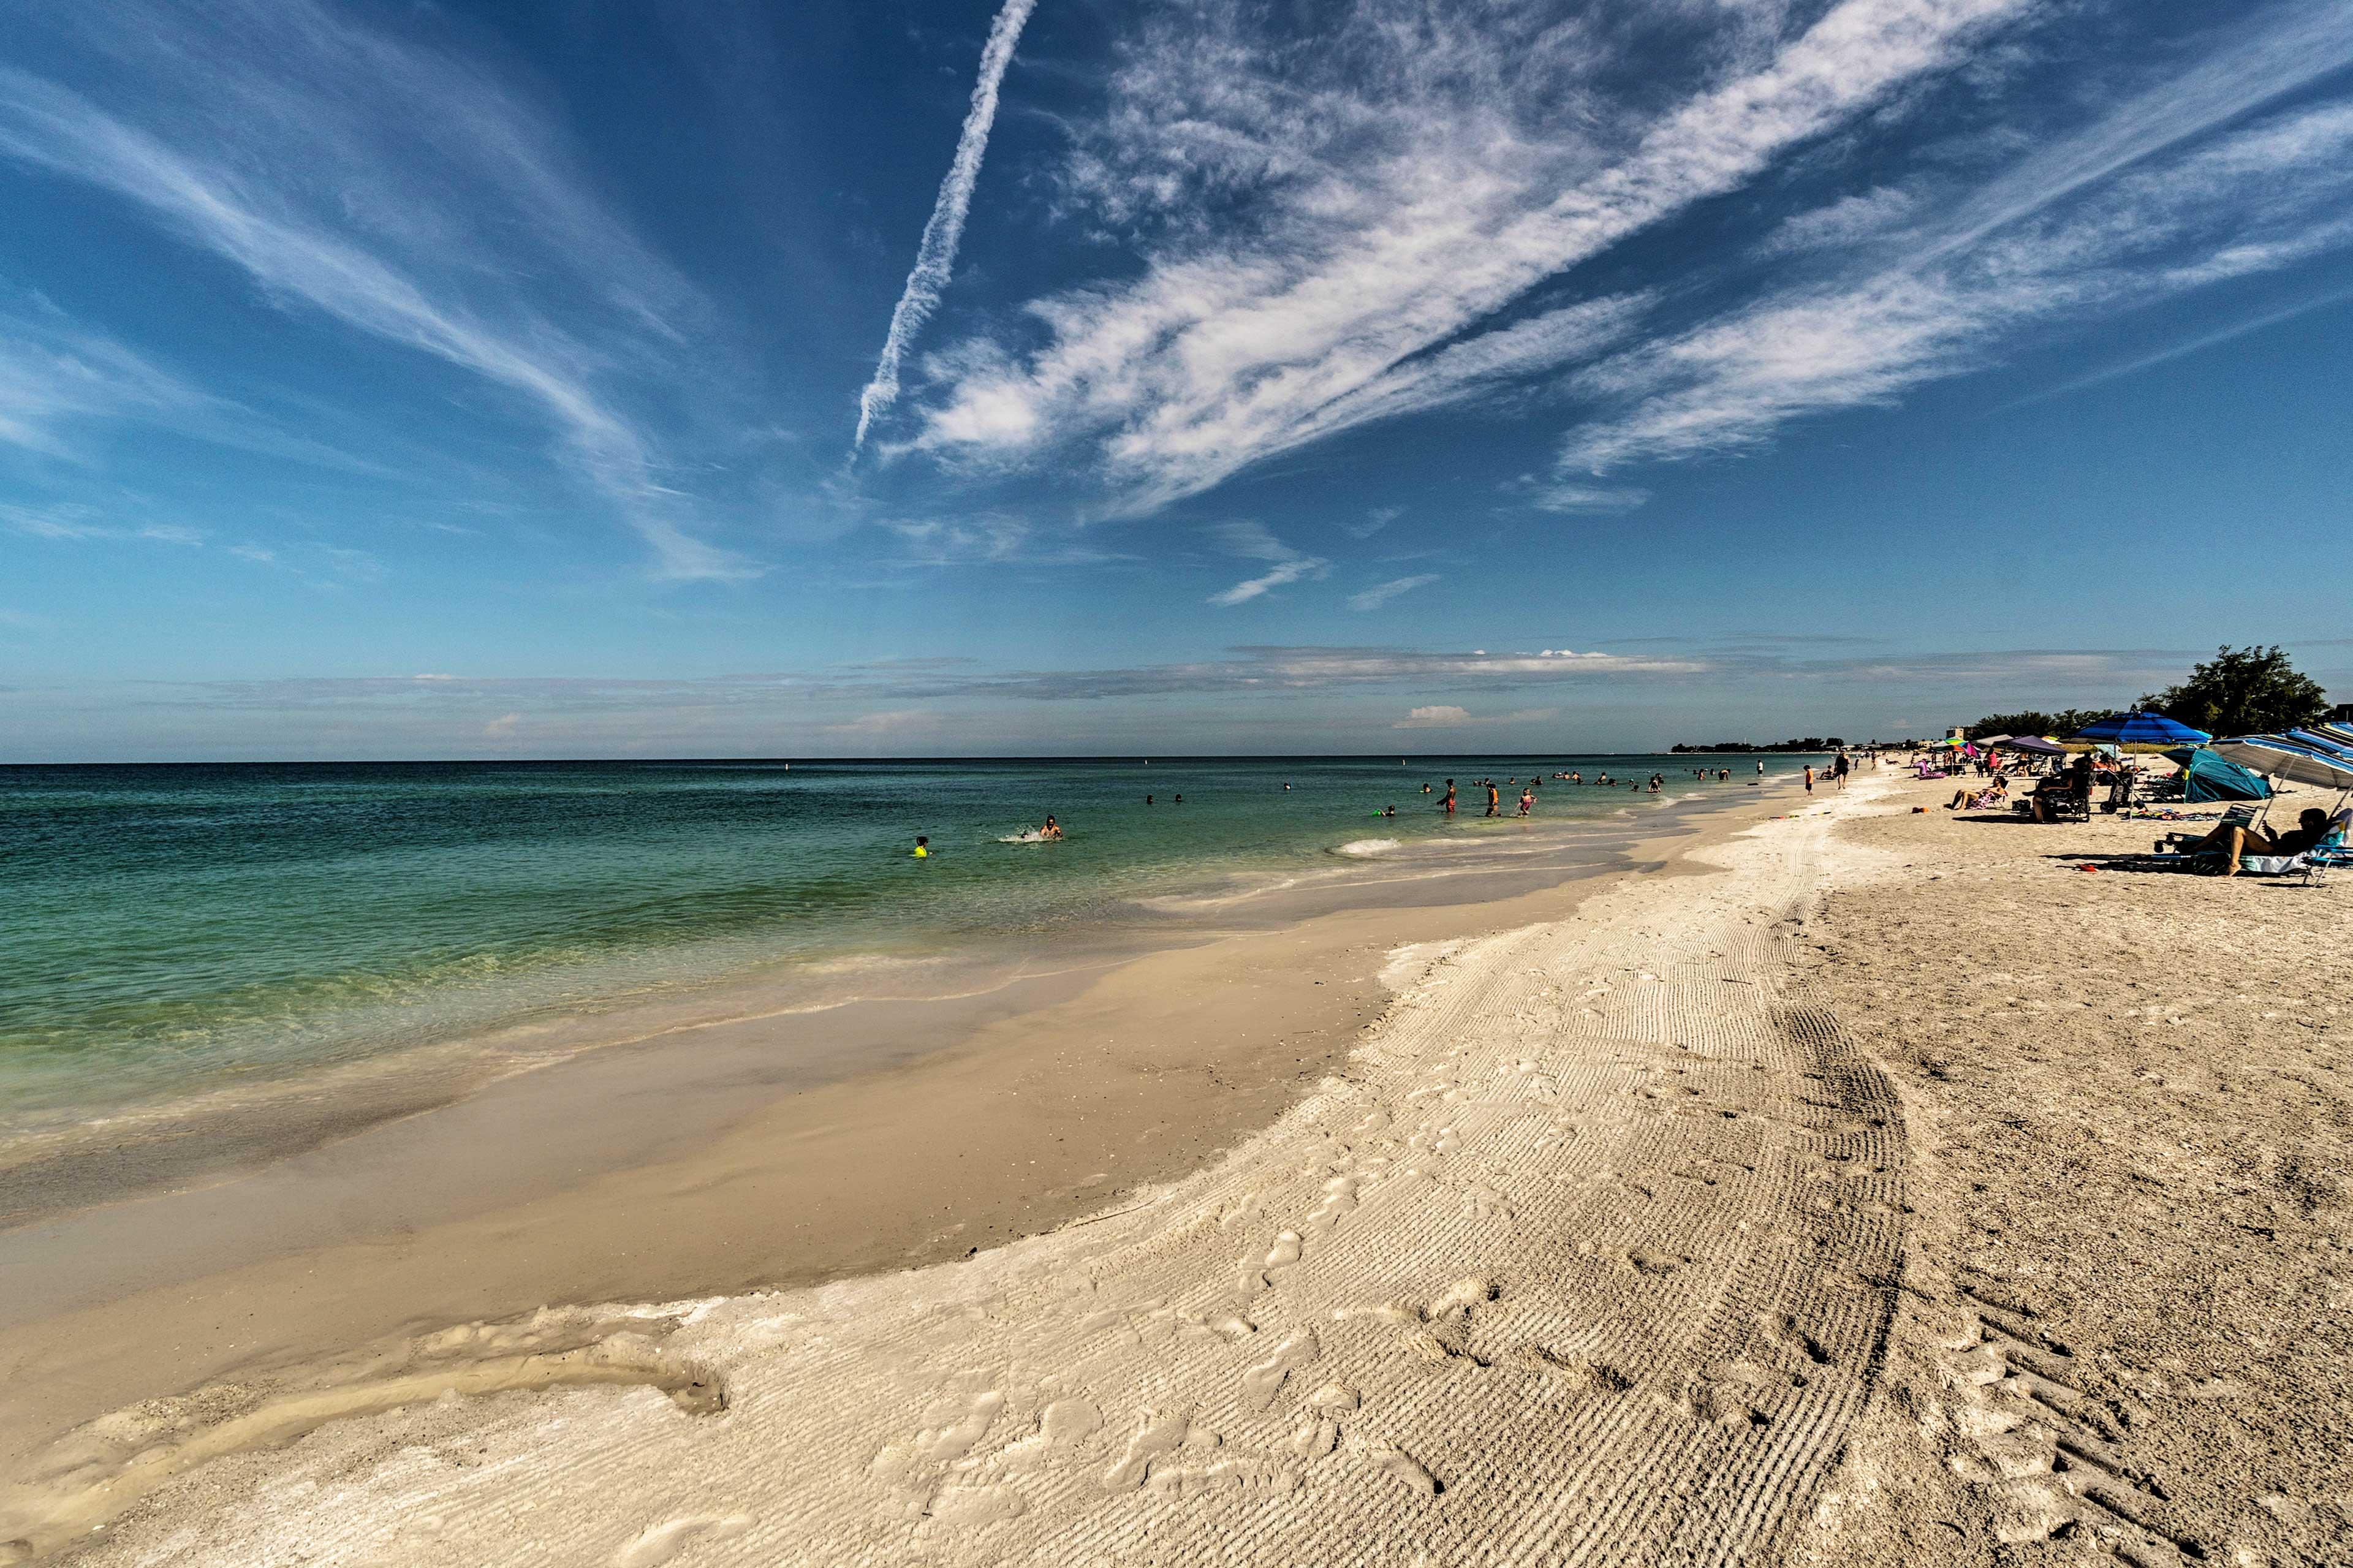 Beach days are easily attainable!